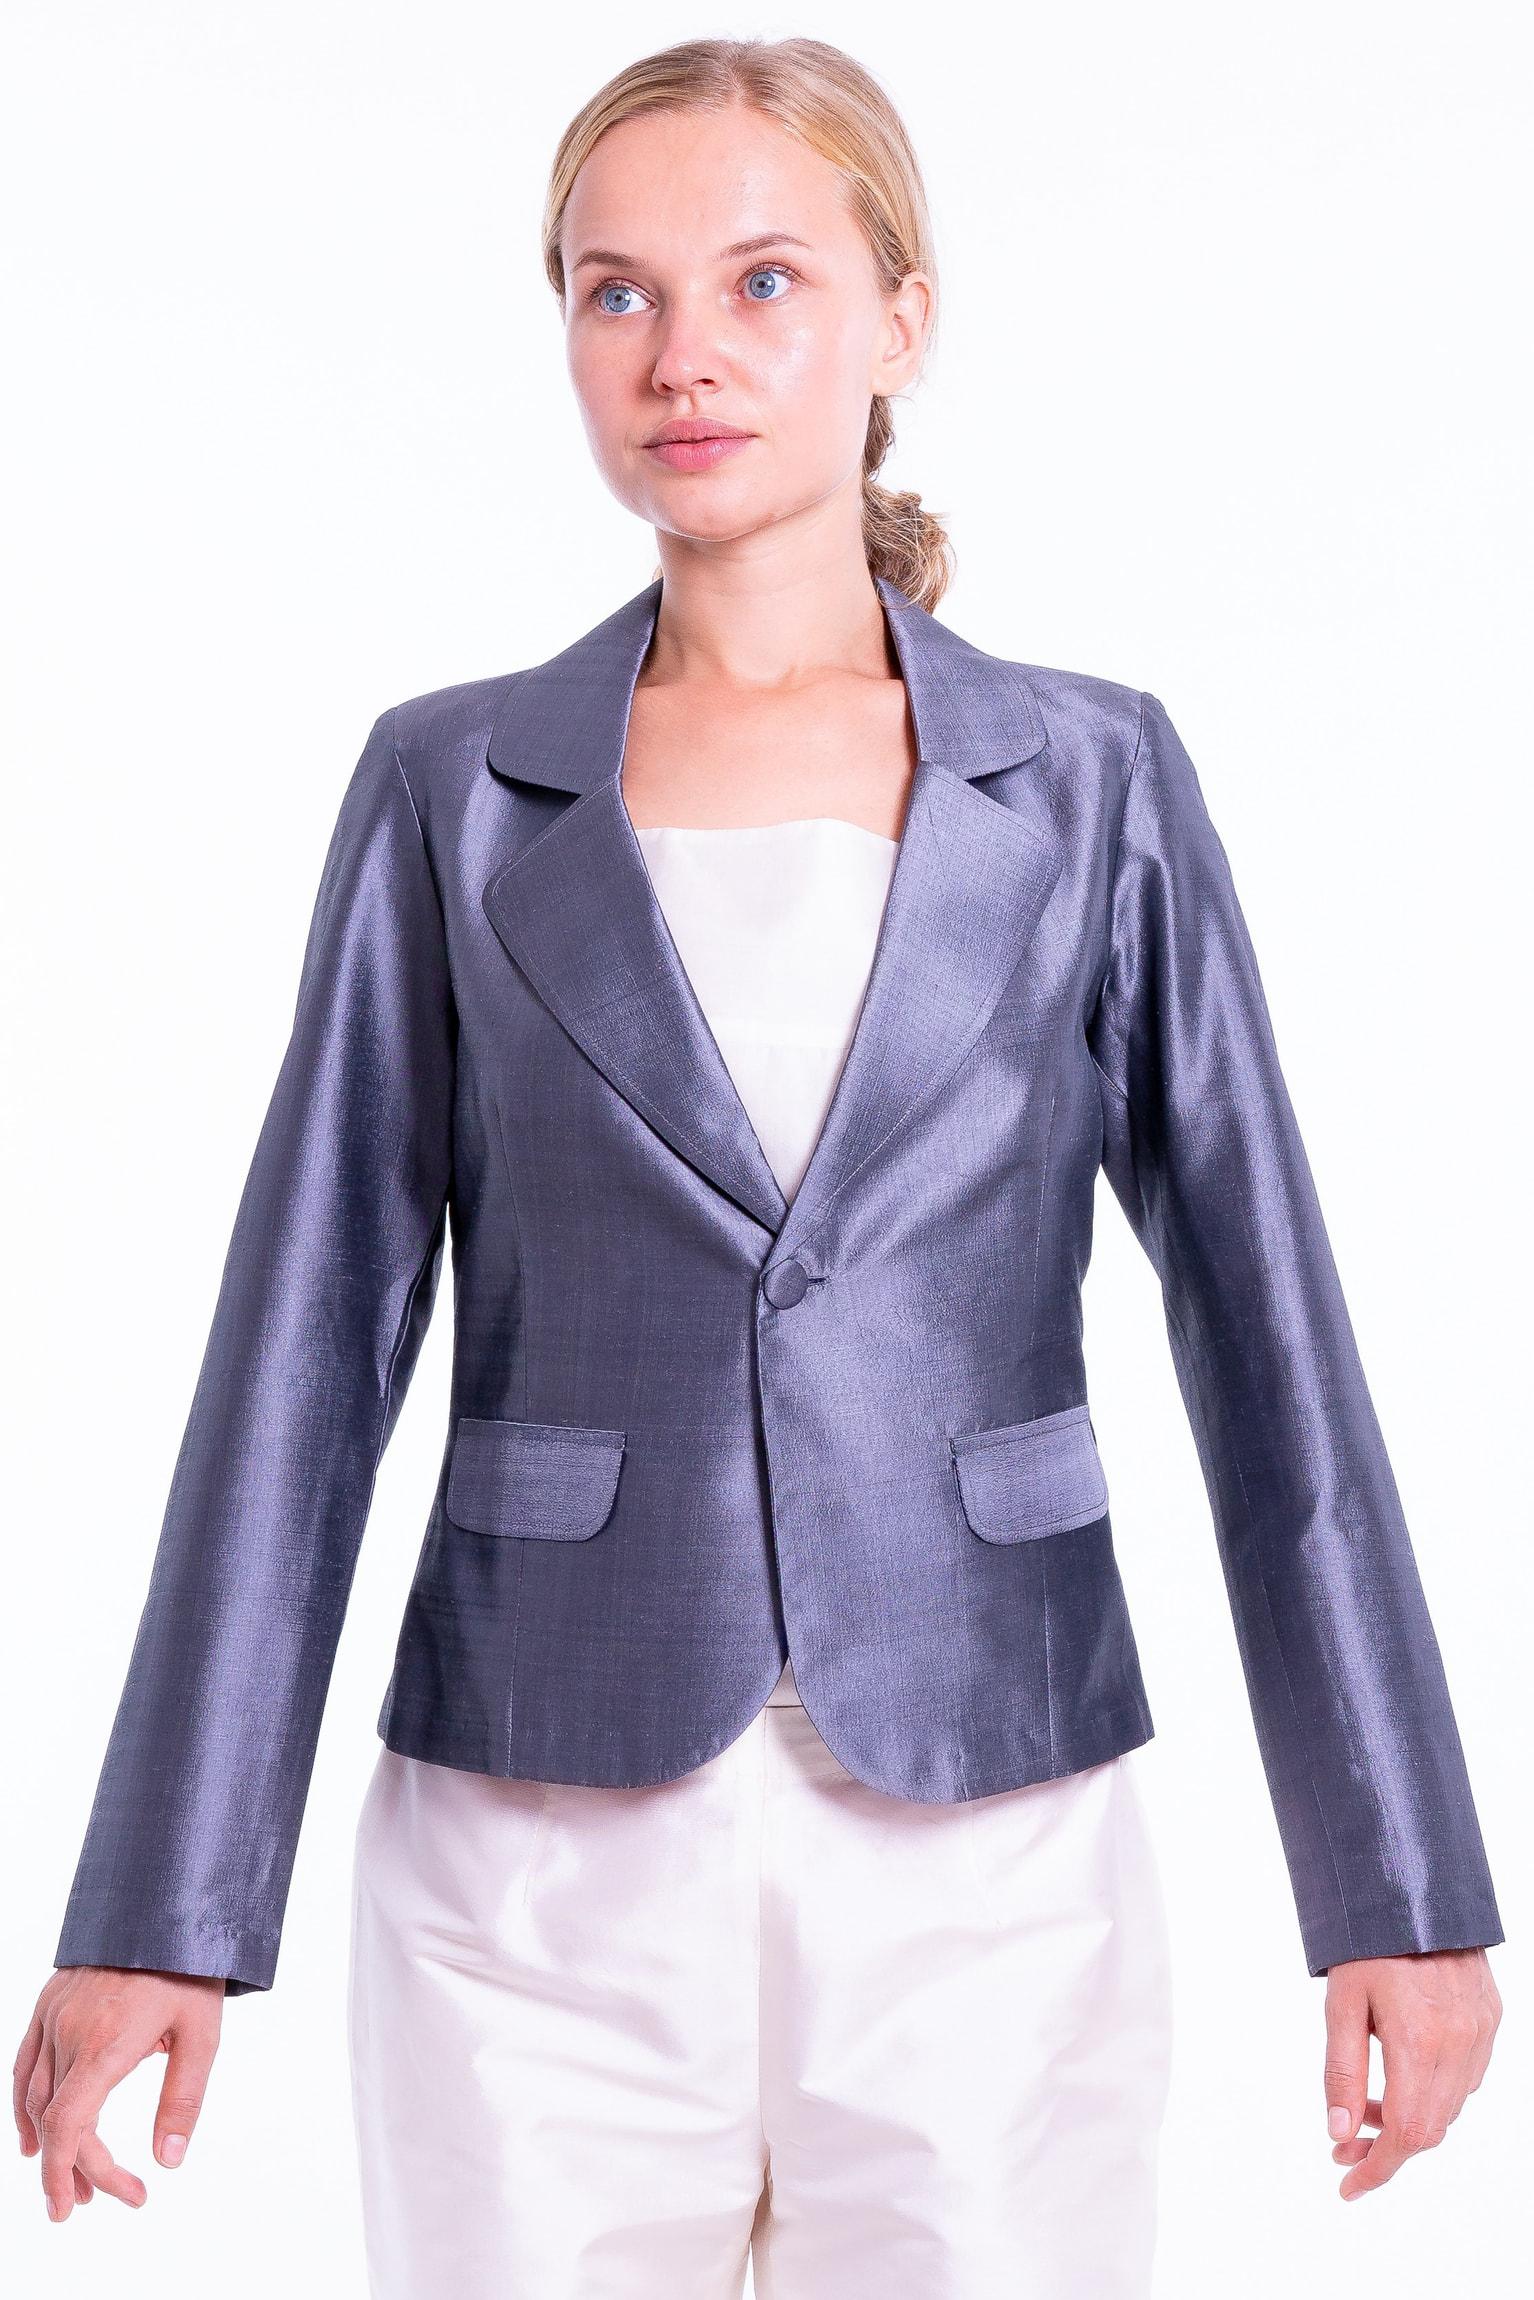 veste spencer en soie de taffeta grise, cintrée, fausse poches passepoils à revers, col cranté, devant